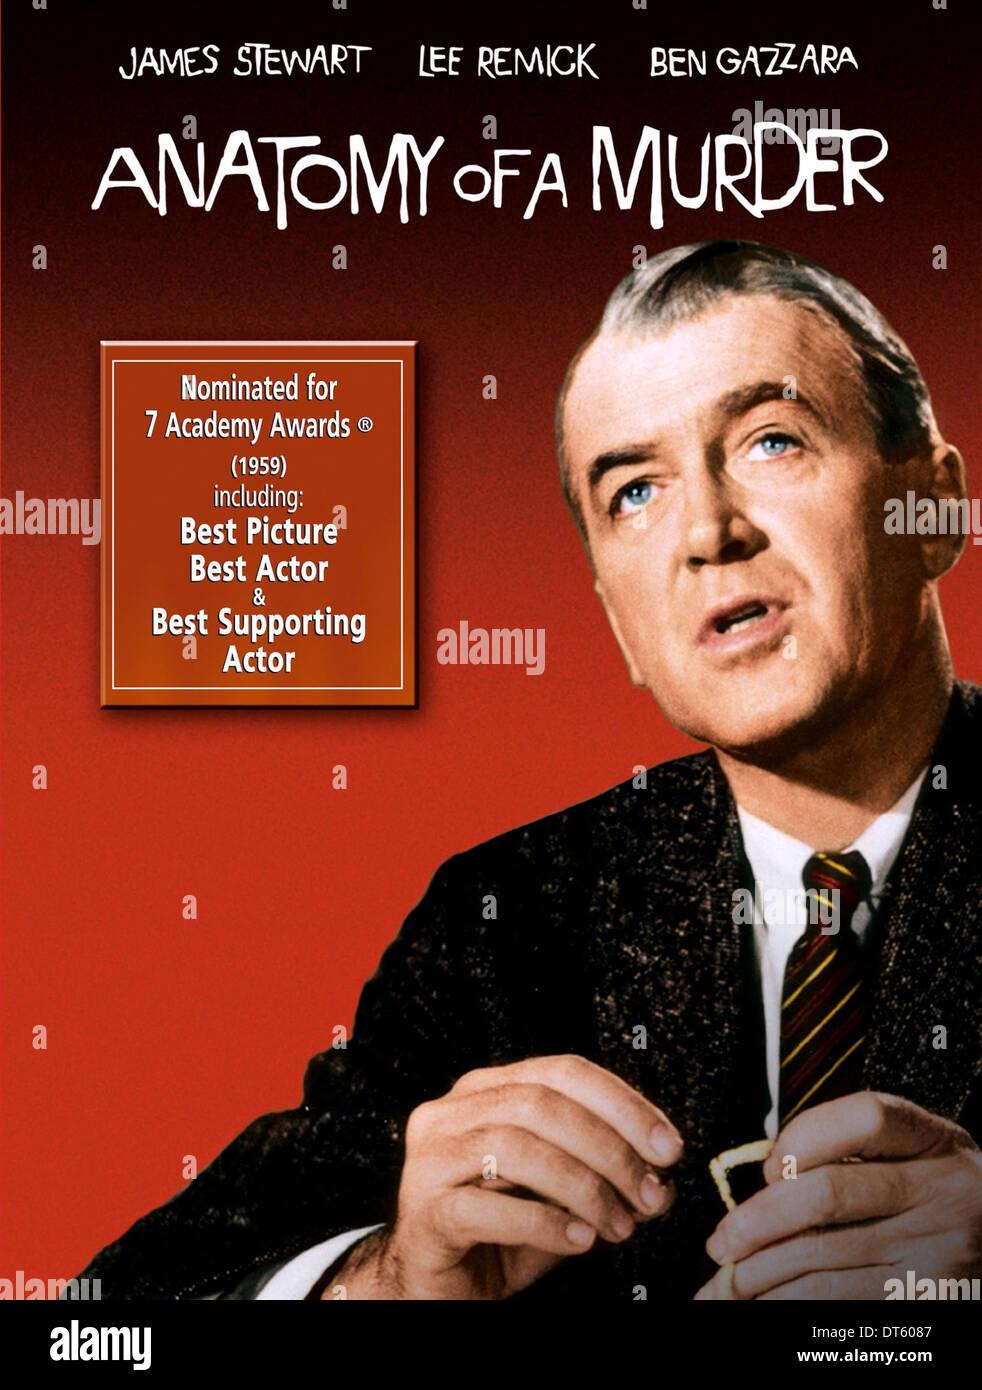 JAMES STEWART POSTER ANATOMY OF A MURDER (1959 Stock Photo: 66514791 ...